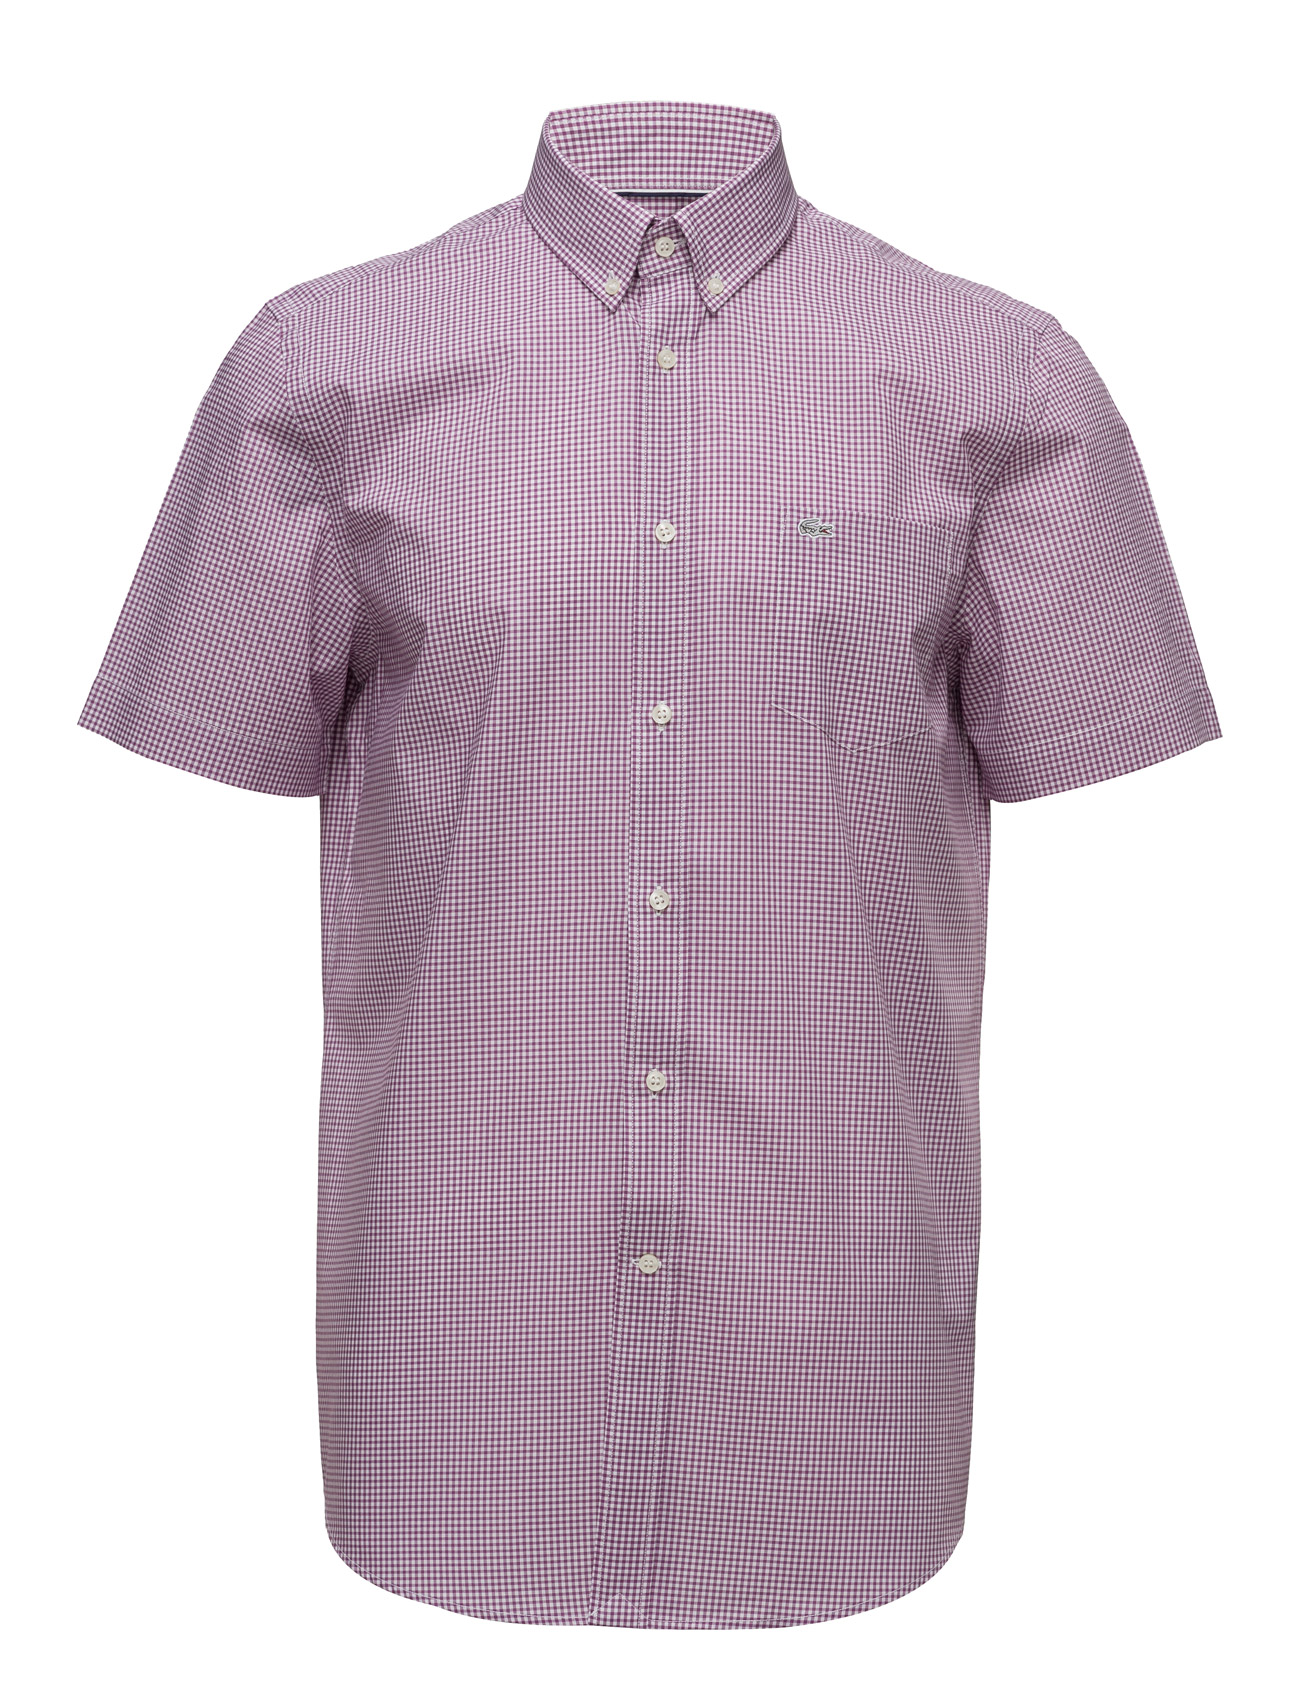 Woven Shirts Lacoste Trøjer til Mænd i